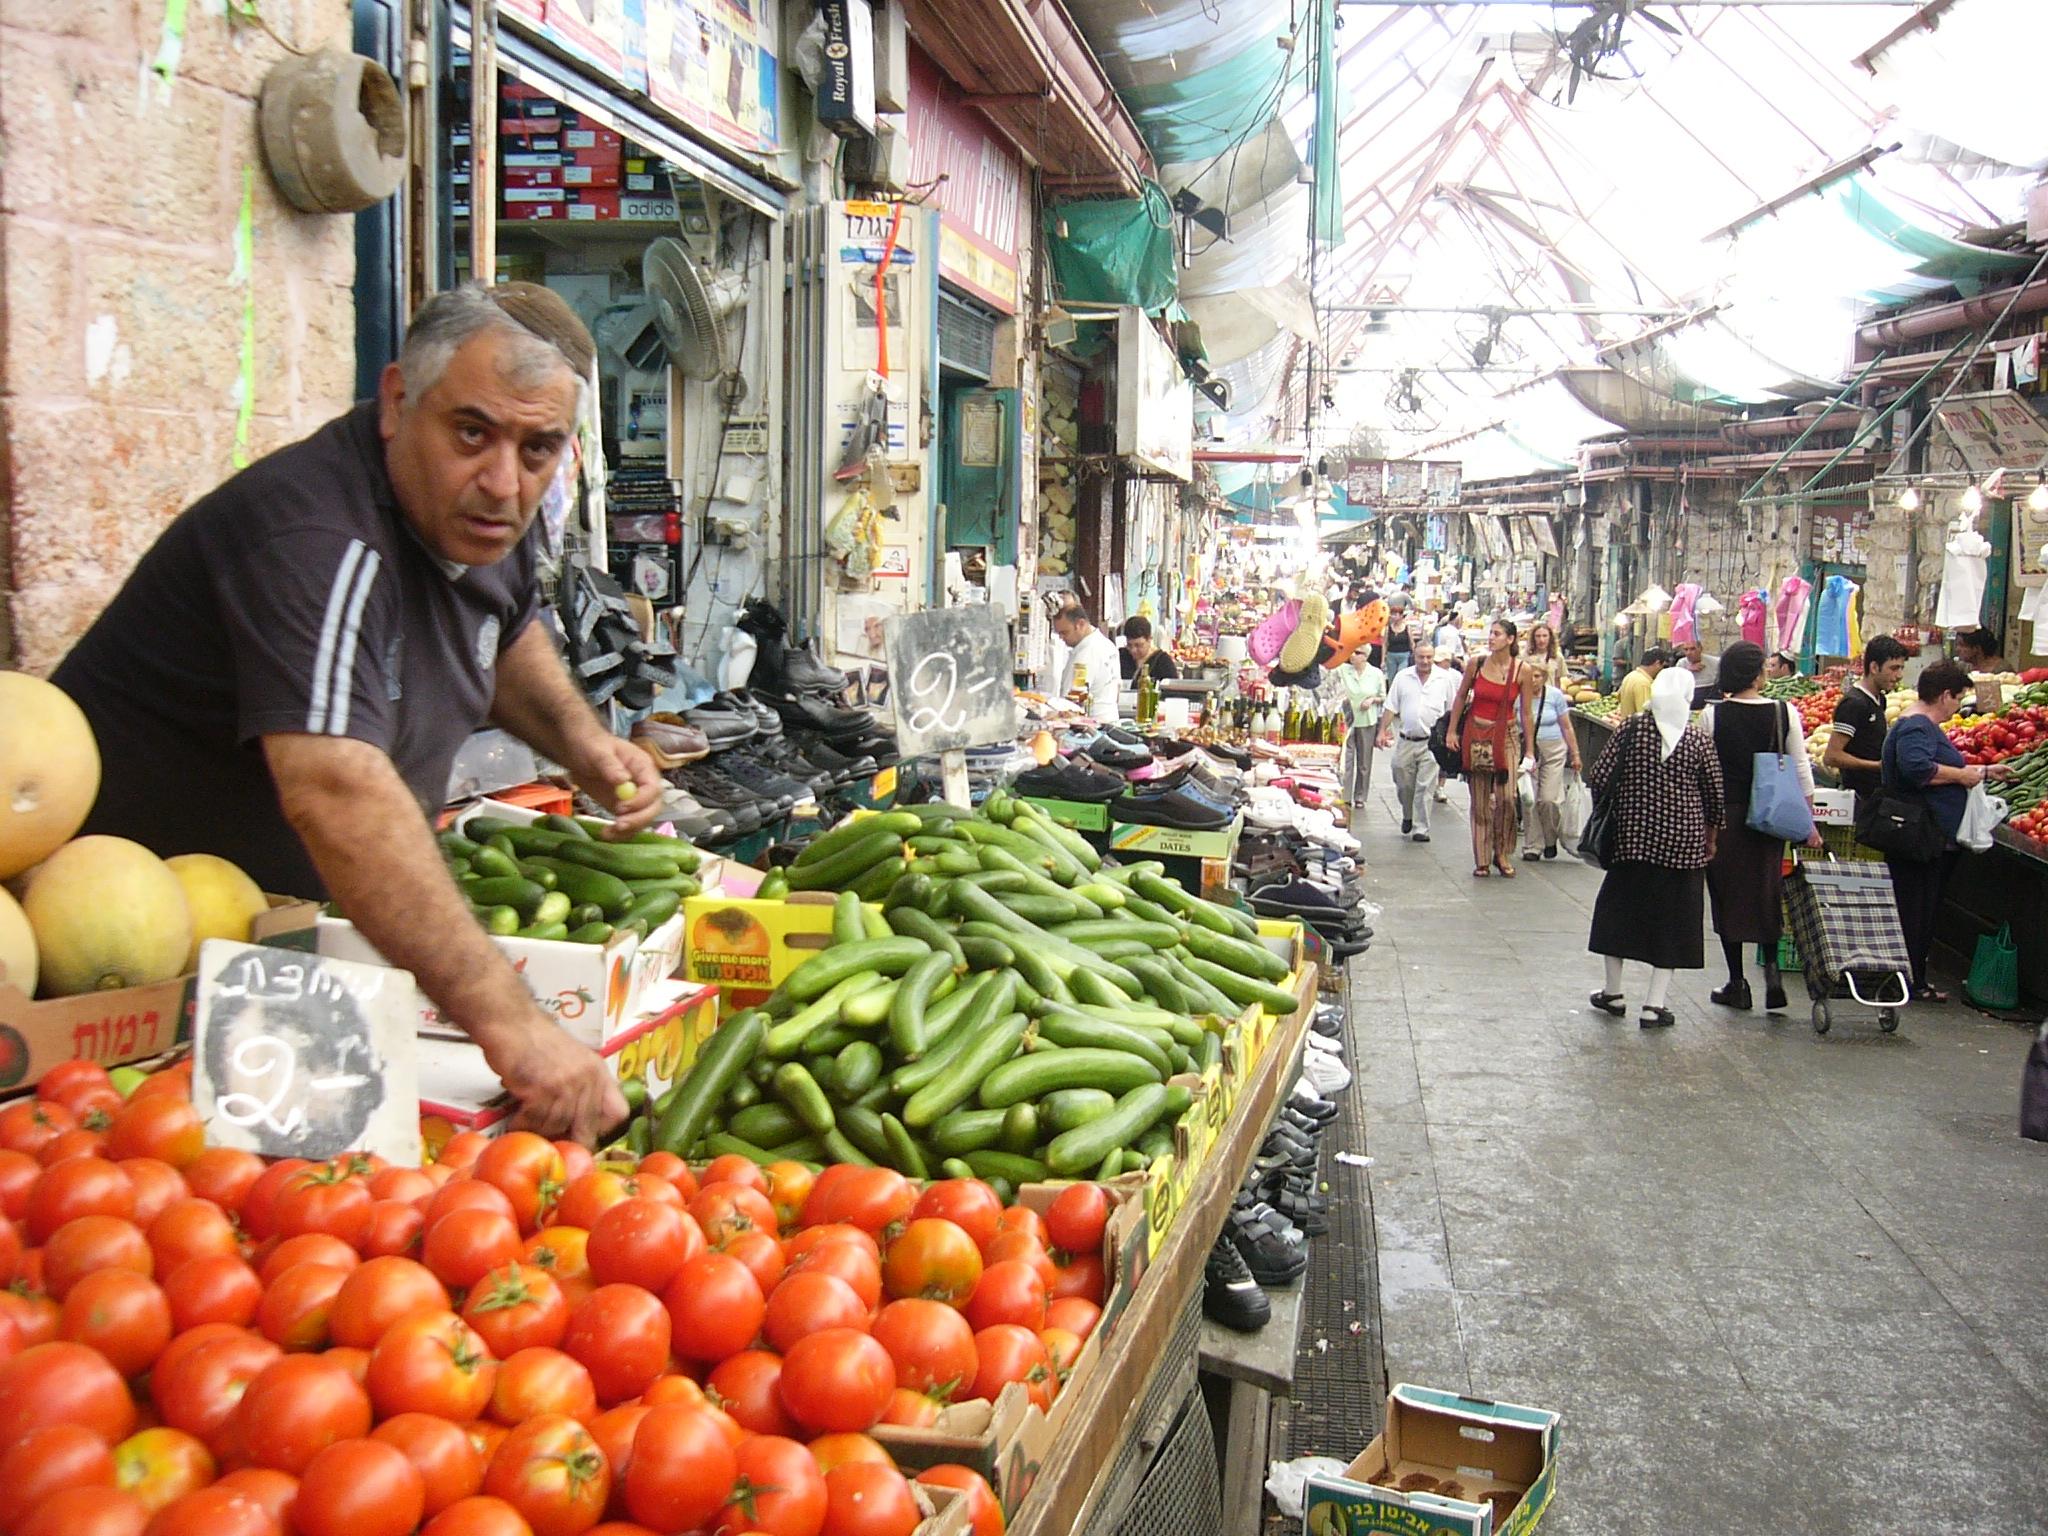 Israeli Market Food